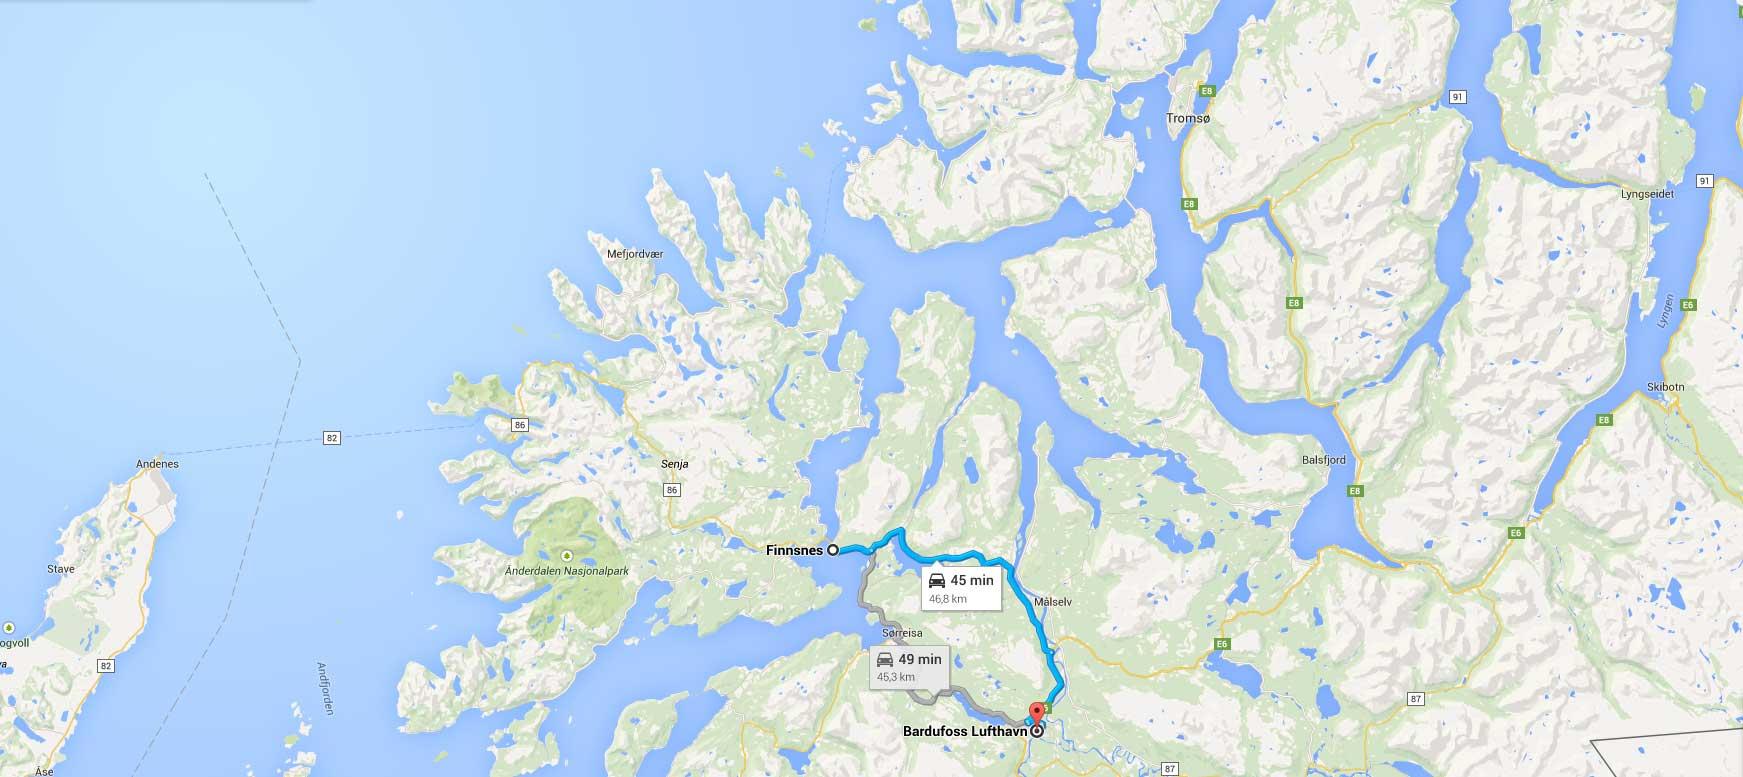 Finnsnes - Bardufoss